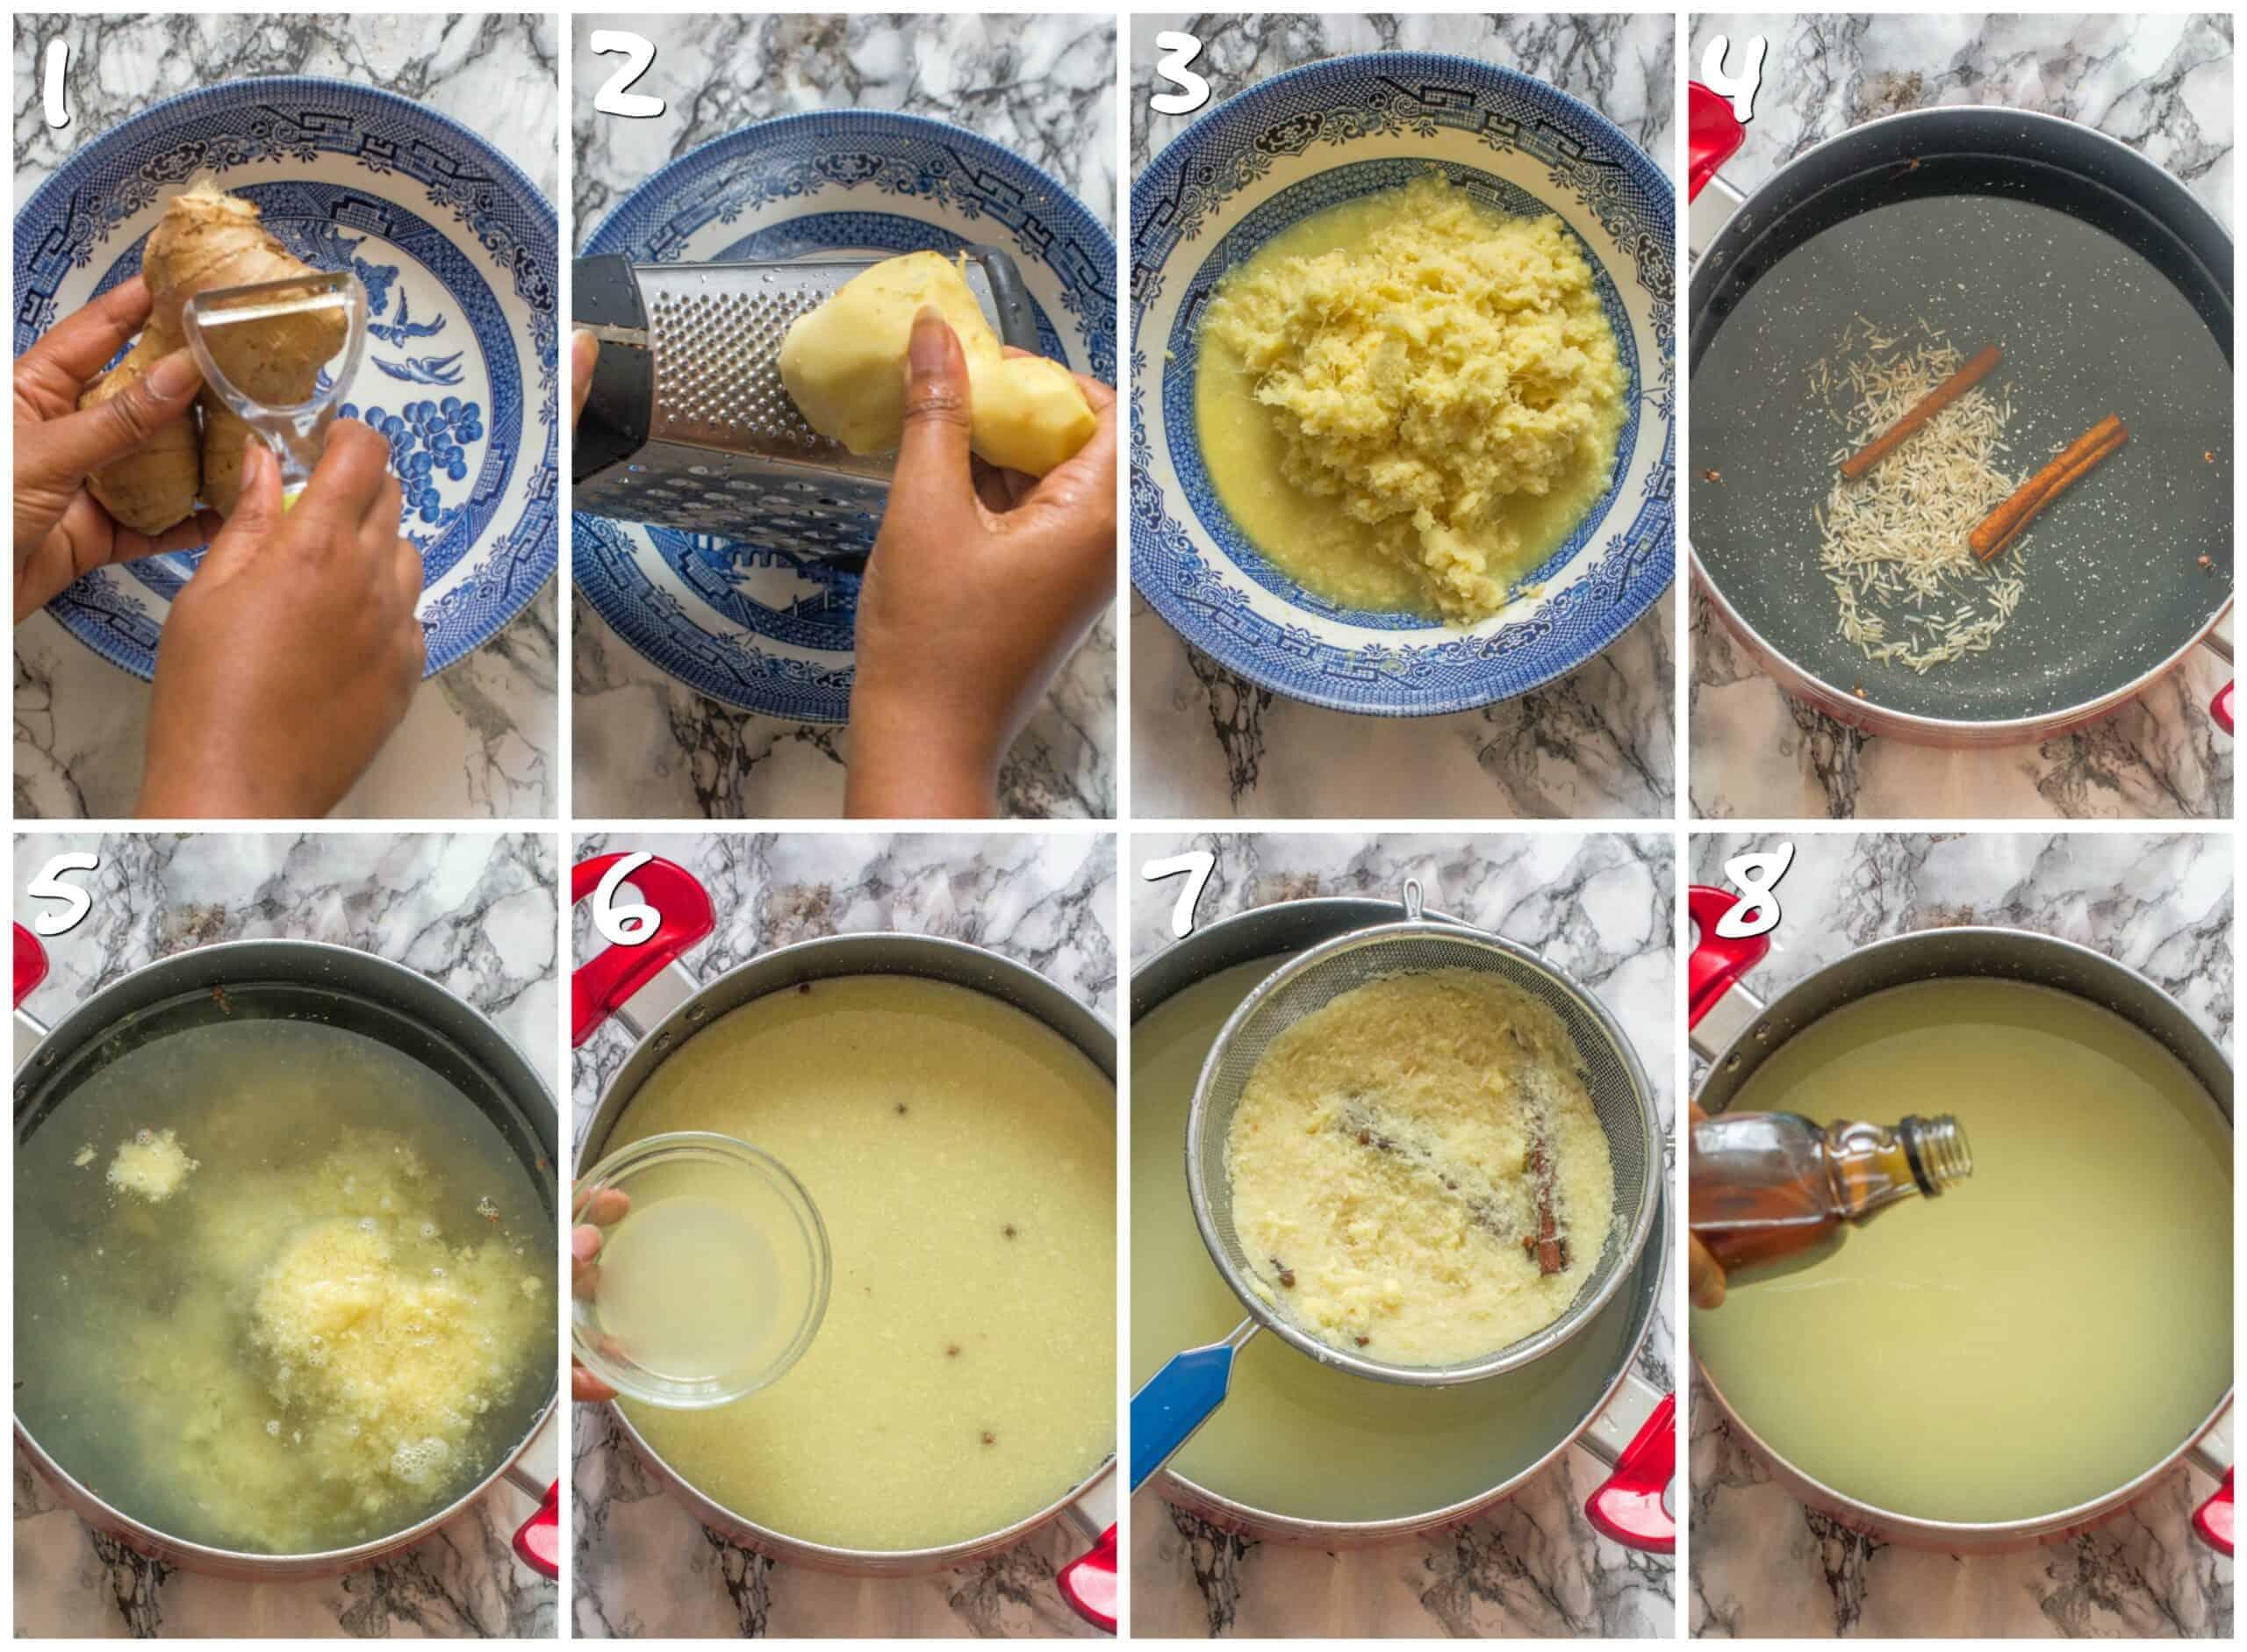 steps 1-8 making the ginger beer